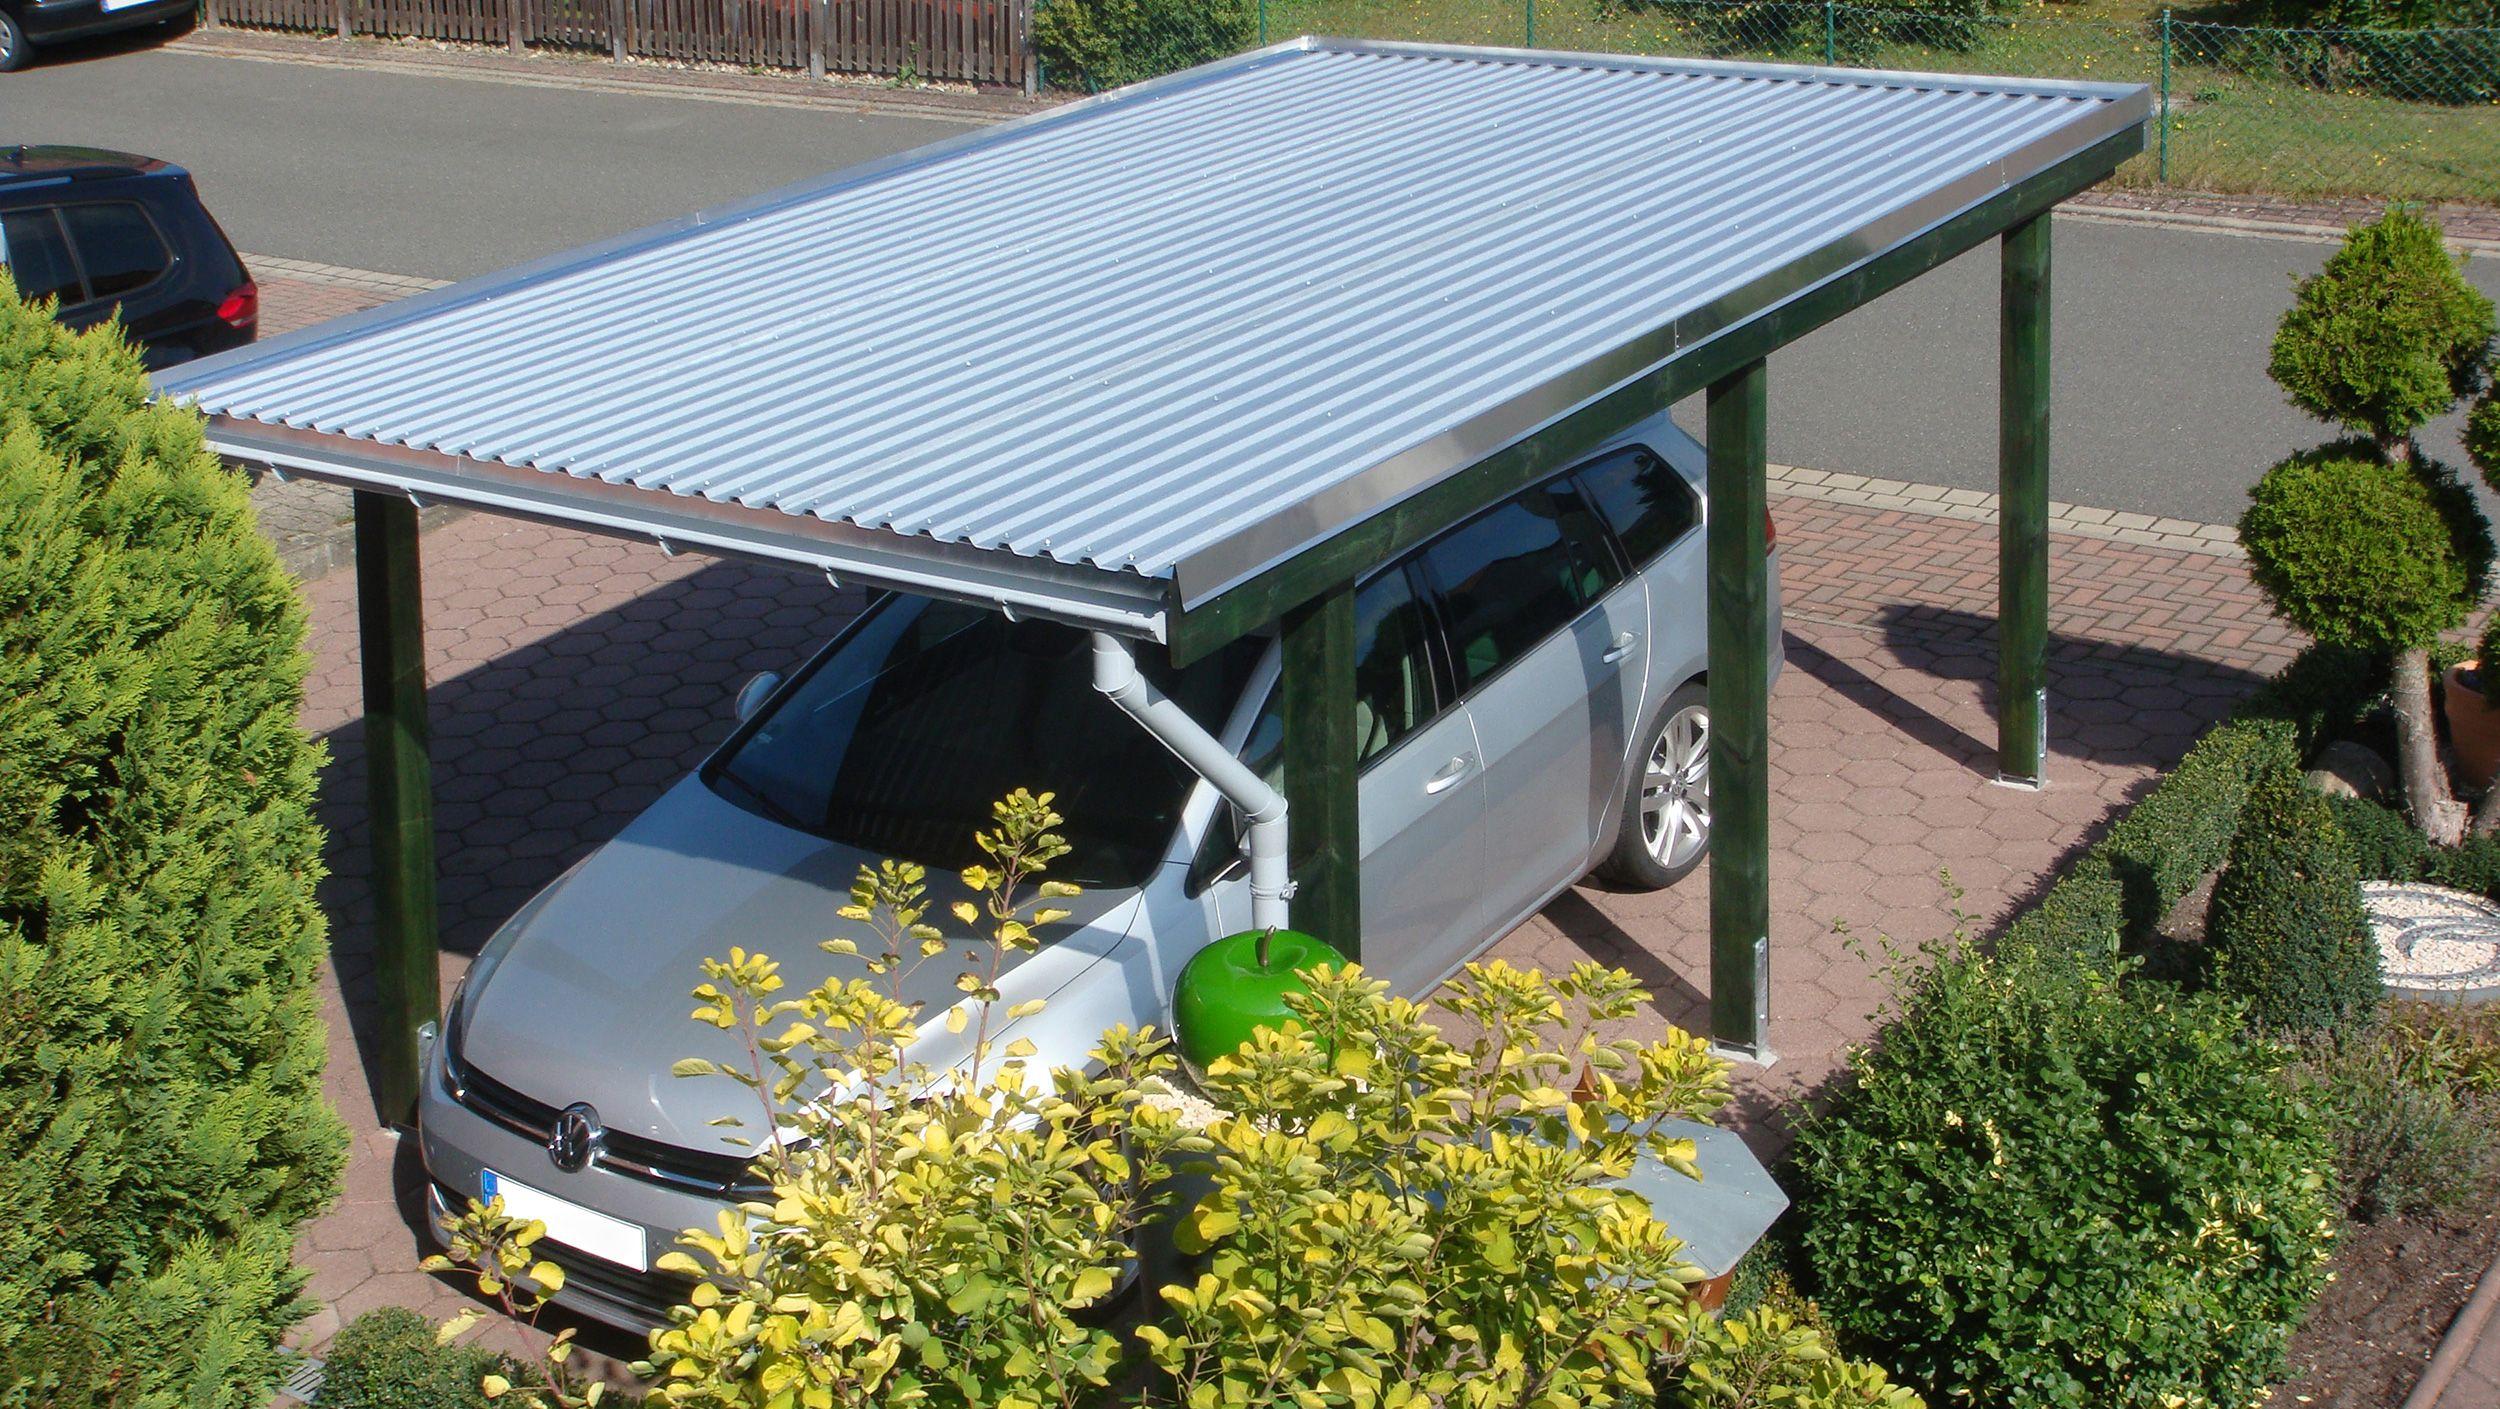 Carport Dacheindeckungen Stahltrapezprofilplatten Stahldach Wasserleitblech Dachrinne Dacheindeckung Stahldach Dach